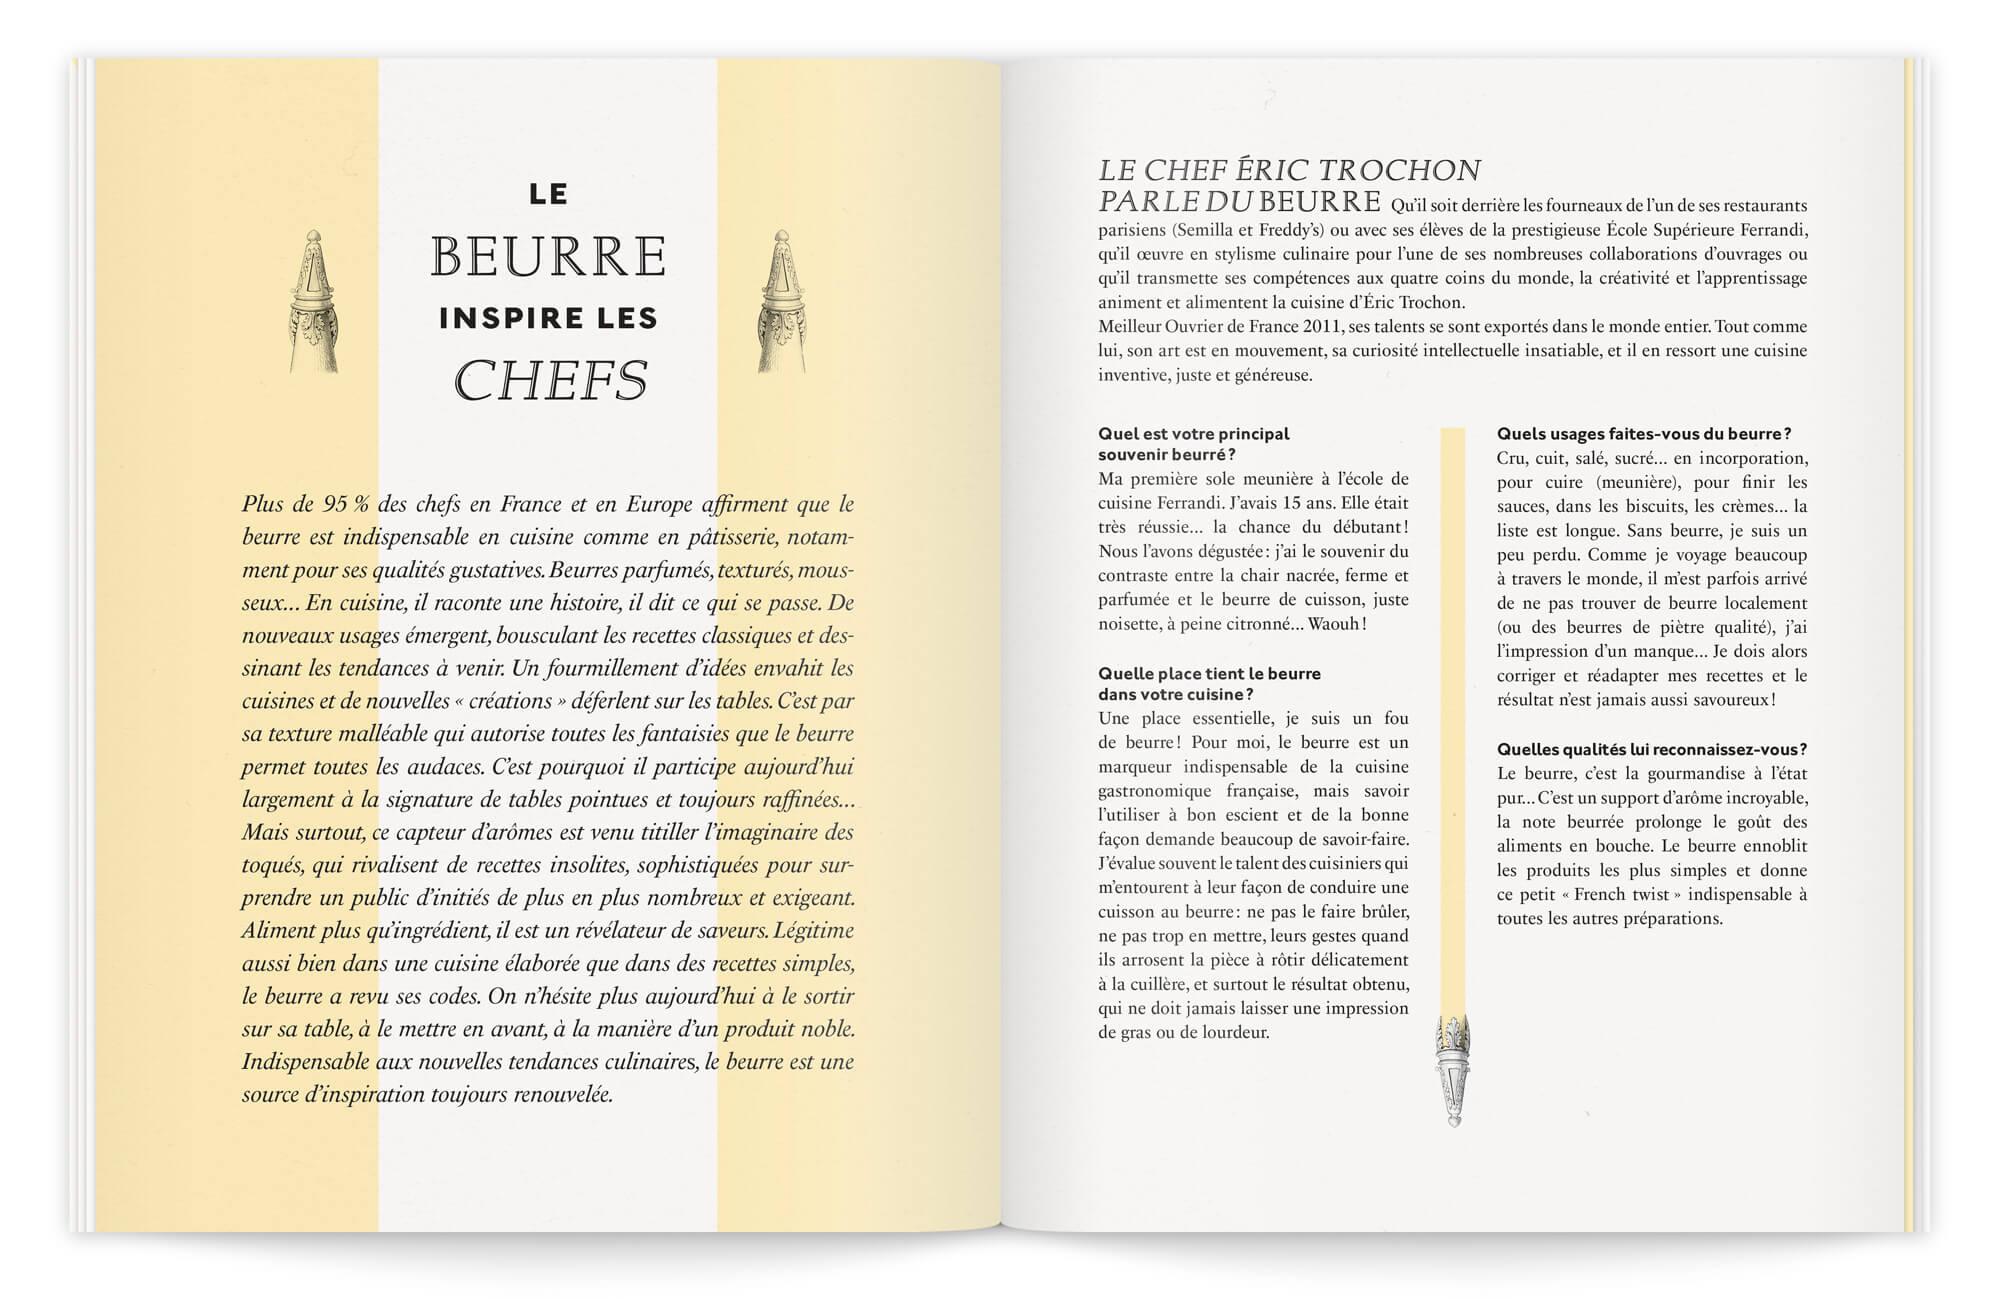 belle mise en page classique contemporaine, pour une brochure de qualité dessinée par Ich&Kar